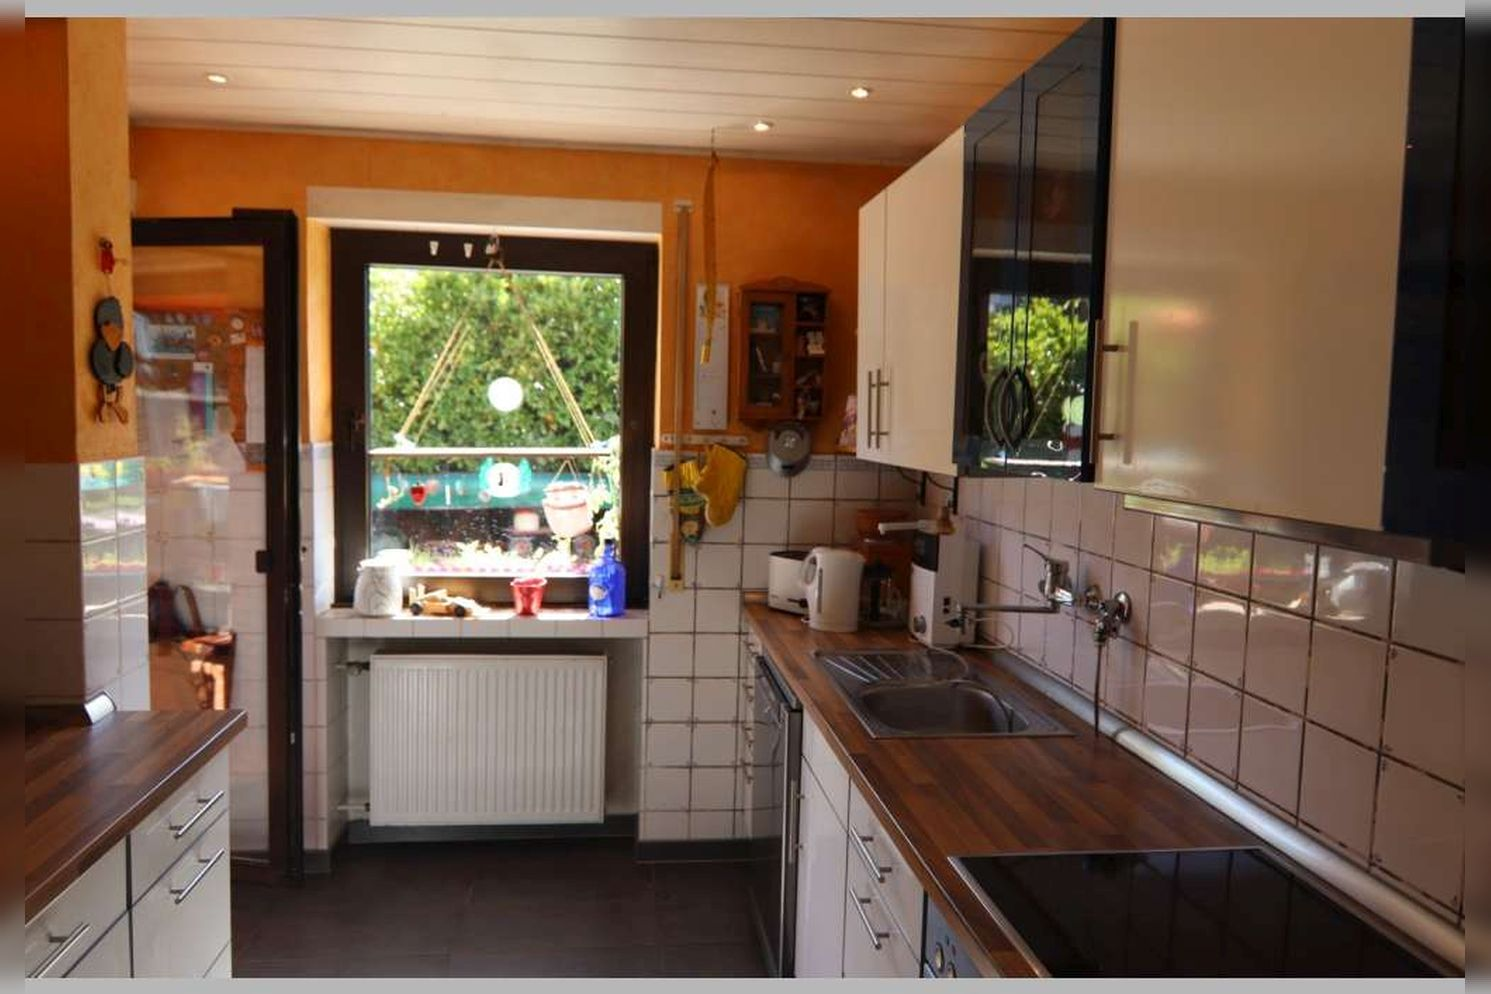 Immobilie Nr.0268 - Reihenmittelhaus mit 4 Zimmern, Küche, Diele, Badezimmer, Gäste-WC, Garten, Garage und Stellplätzen - Bild 12.jpg